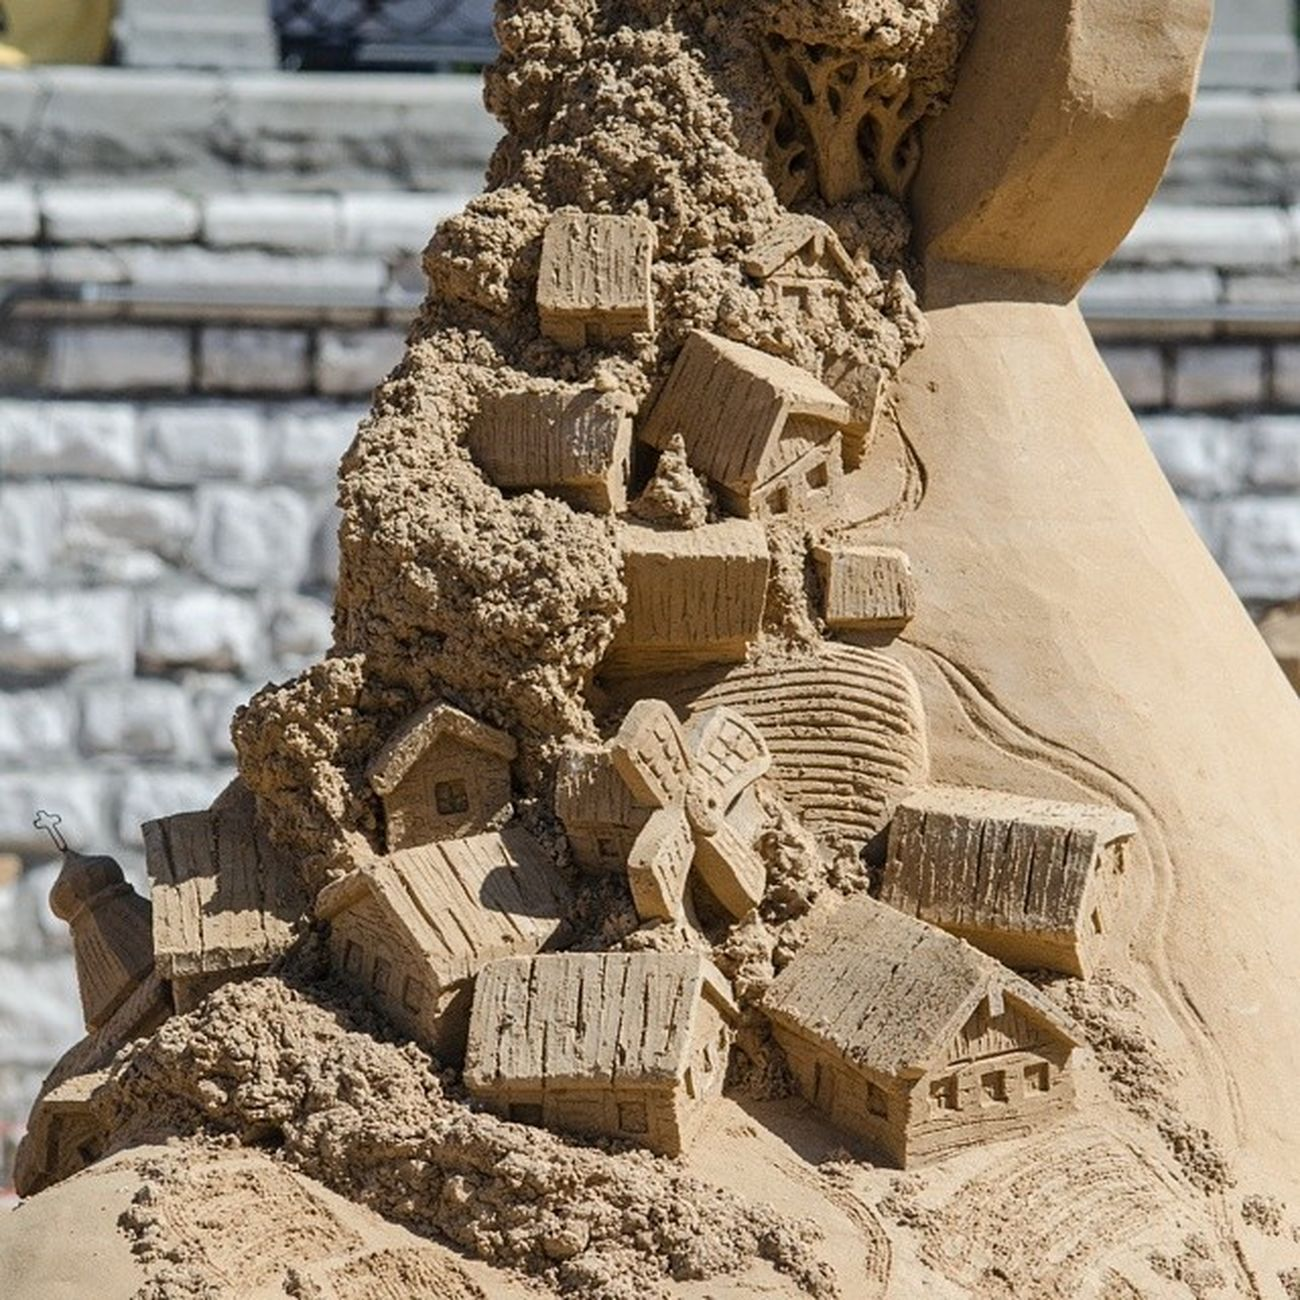 чудесасвета песчаныефигуры набережная Самара сегодня будет день песчаных фигур. =)